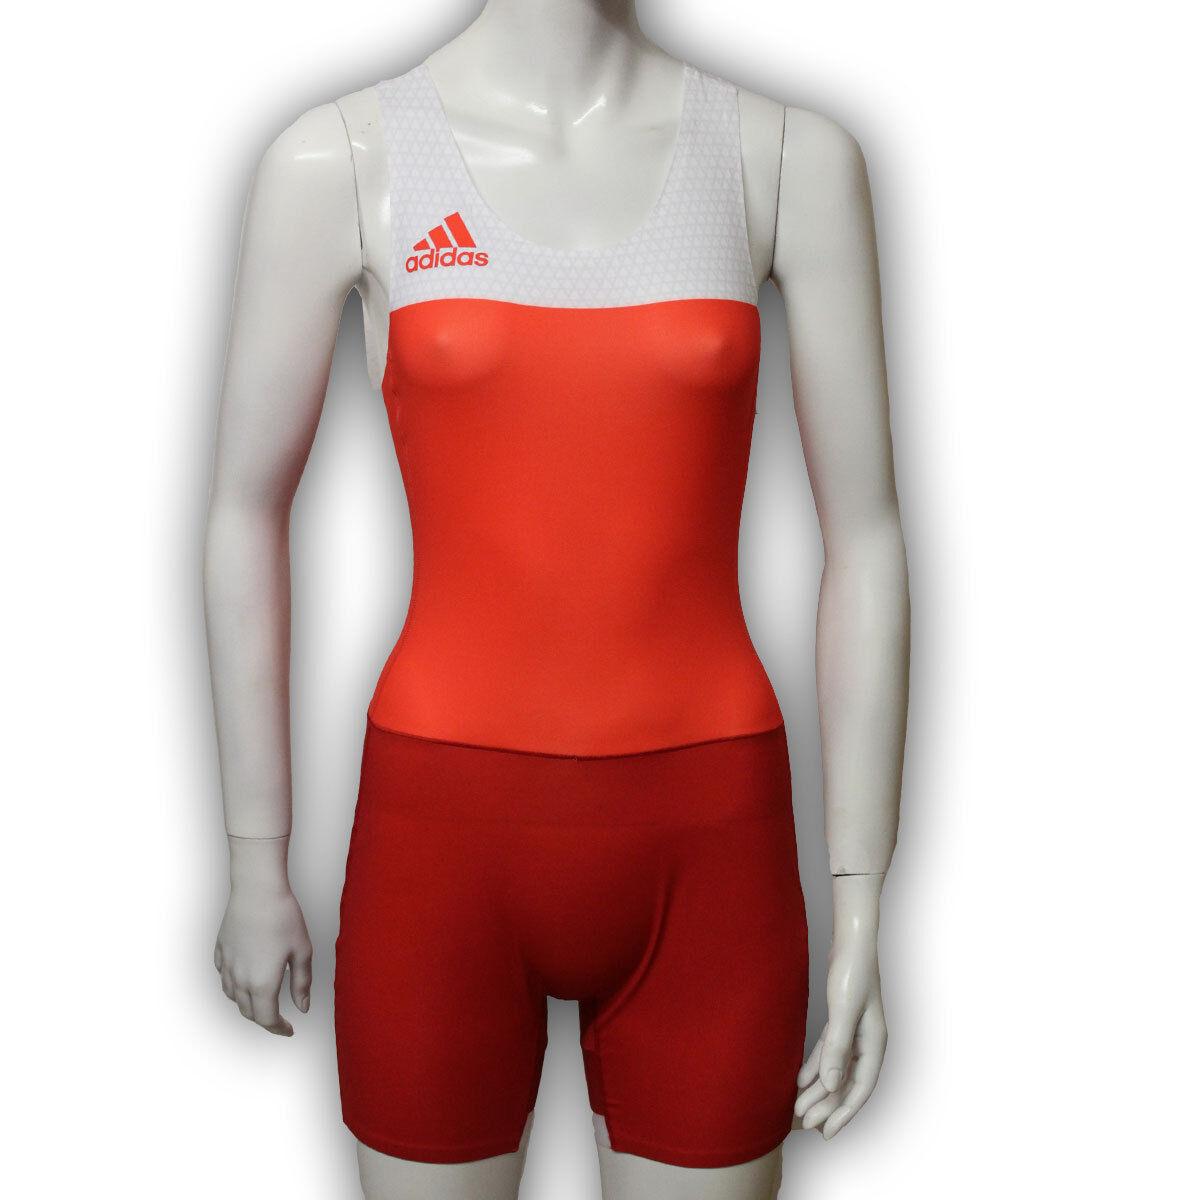 Adidas Laufanzug Sprintanzug Wrestling Einteiler 32 34 36 38 40 42 44 48 50 52